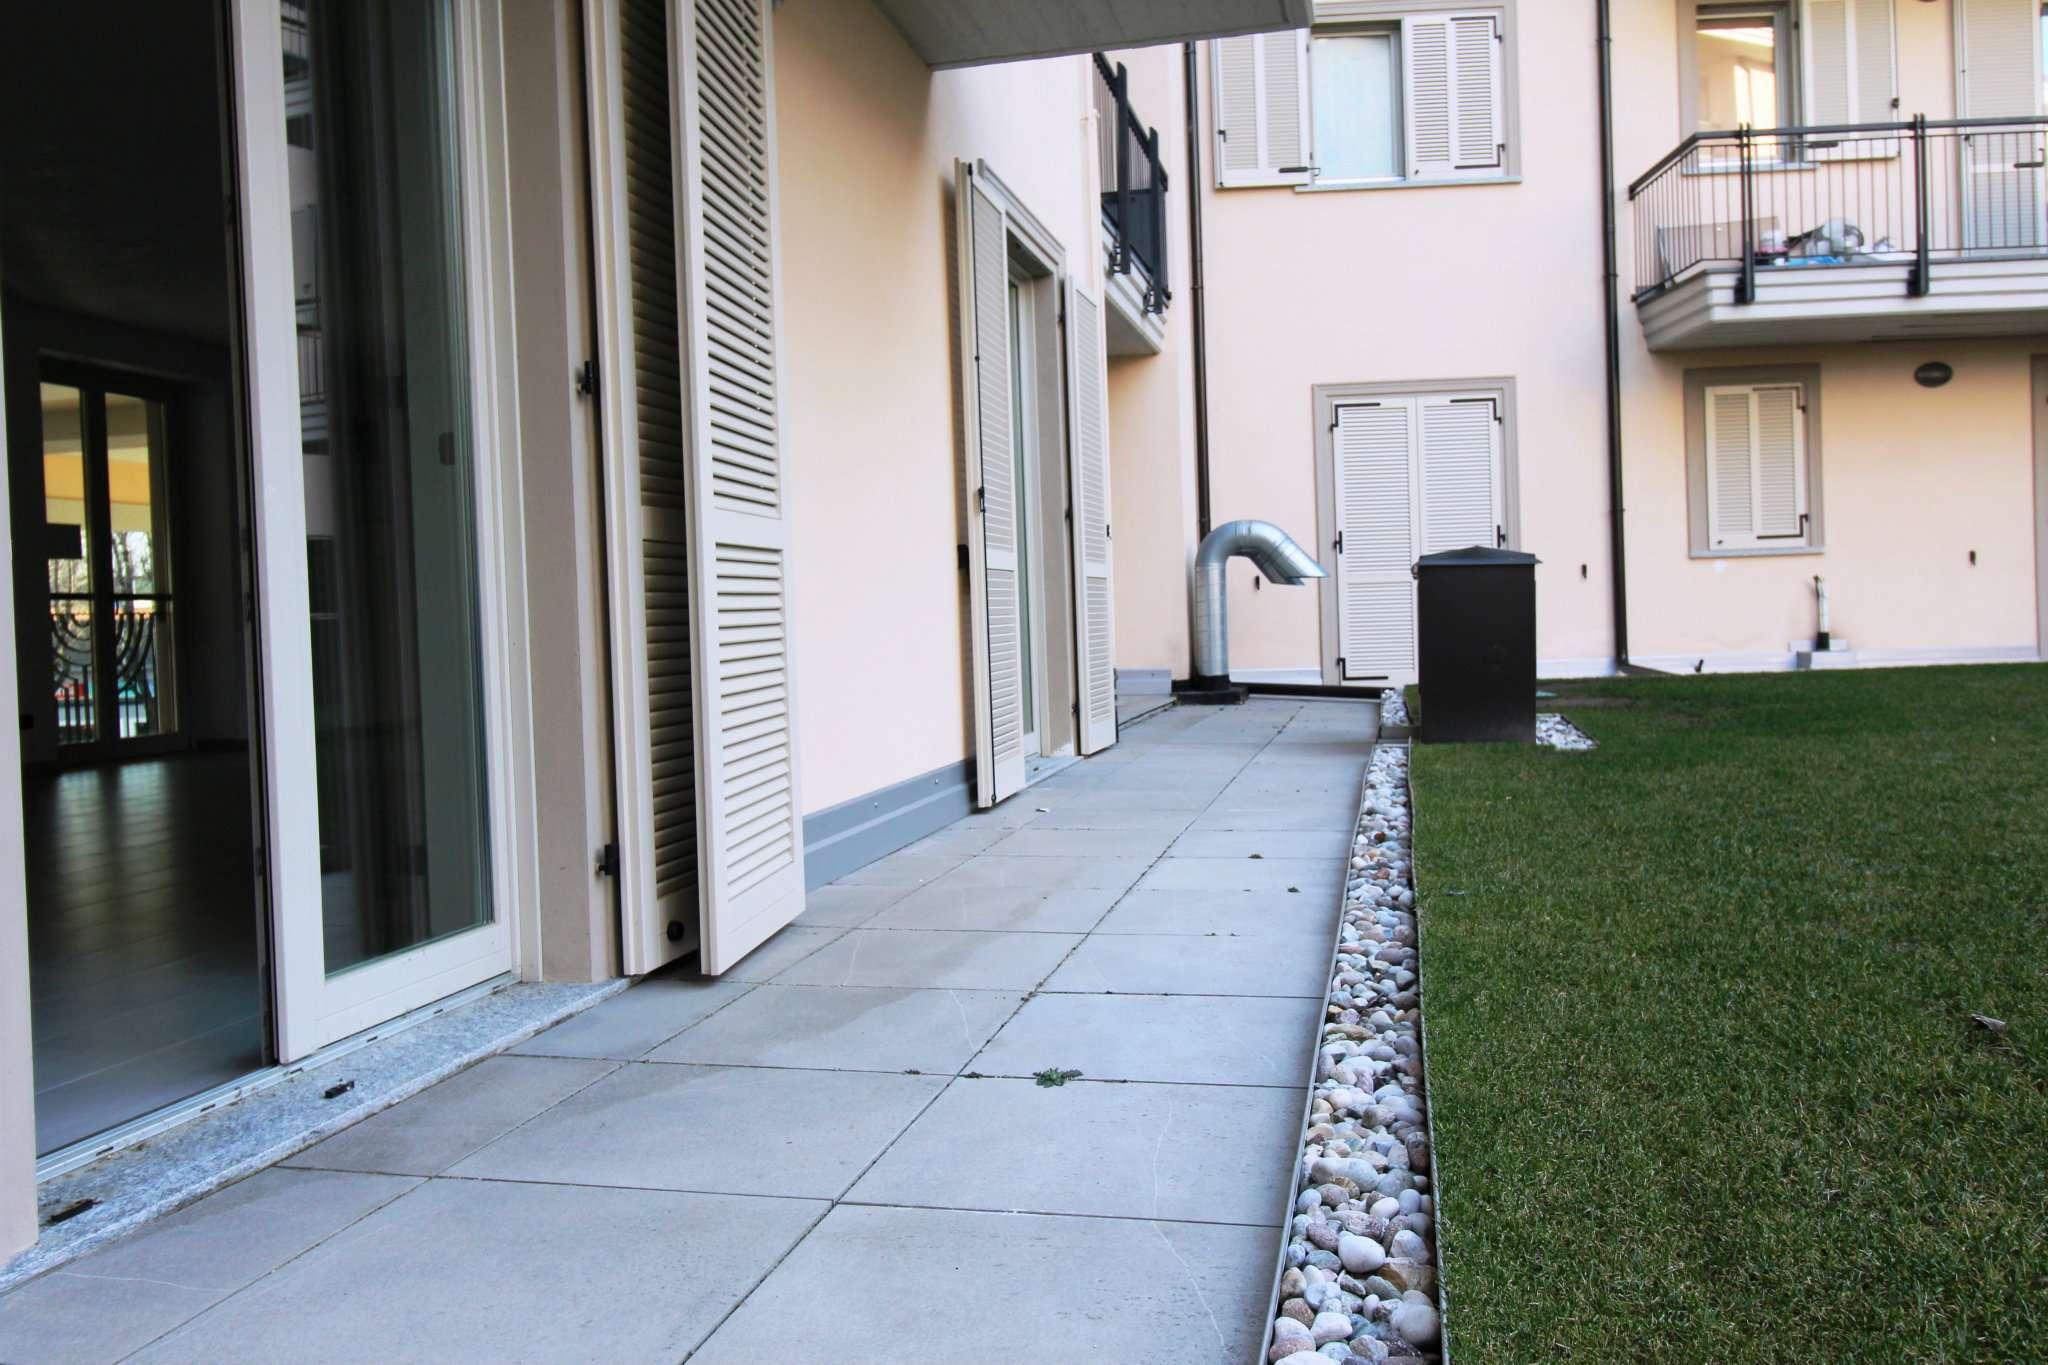 Immagine immobiliare Nel recente ed elegante contesto residenziale